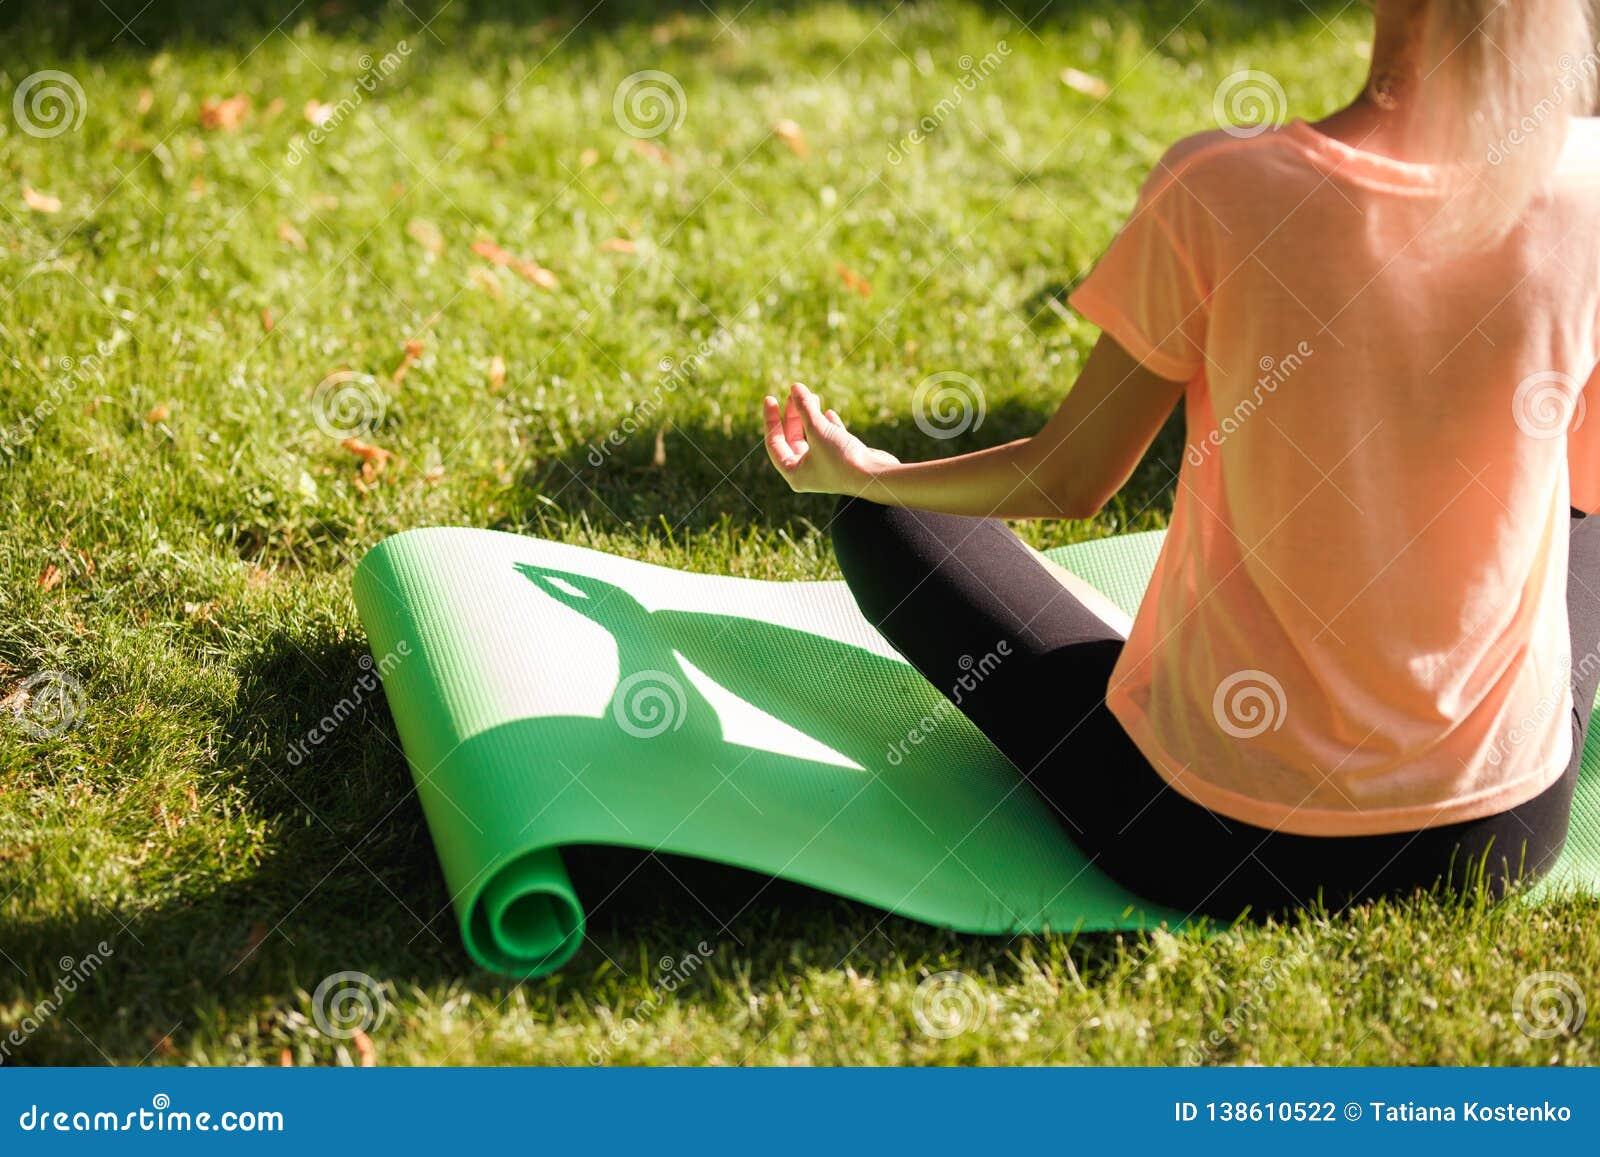 A ideia traseira da ioga praticando da mulher senta-se na posição de lótus Conceito saudável do estilo de vida